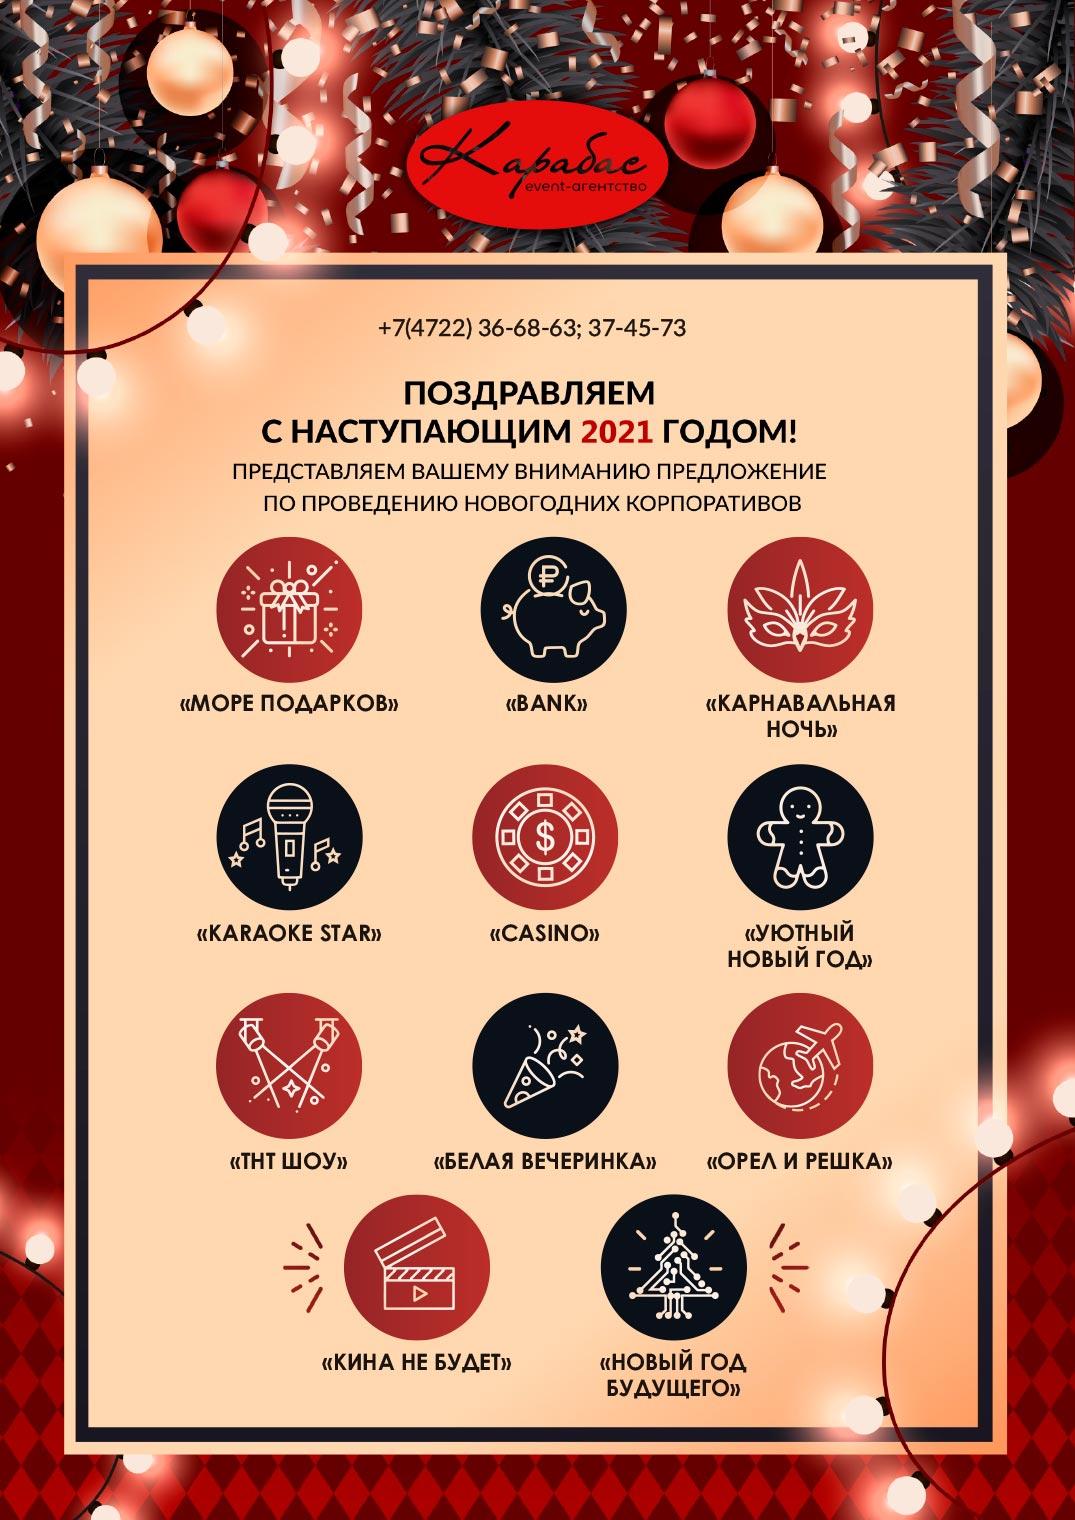 novogodnee_predlozhenie_2021_33-1